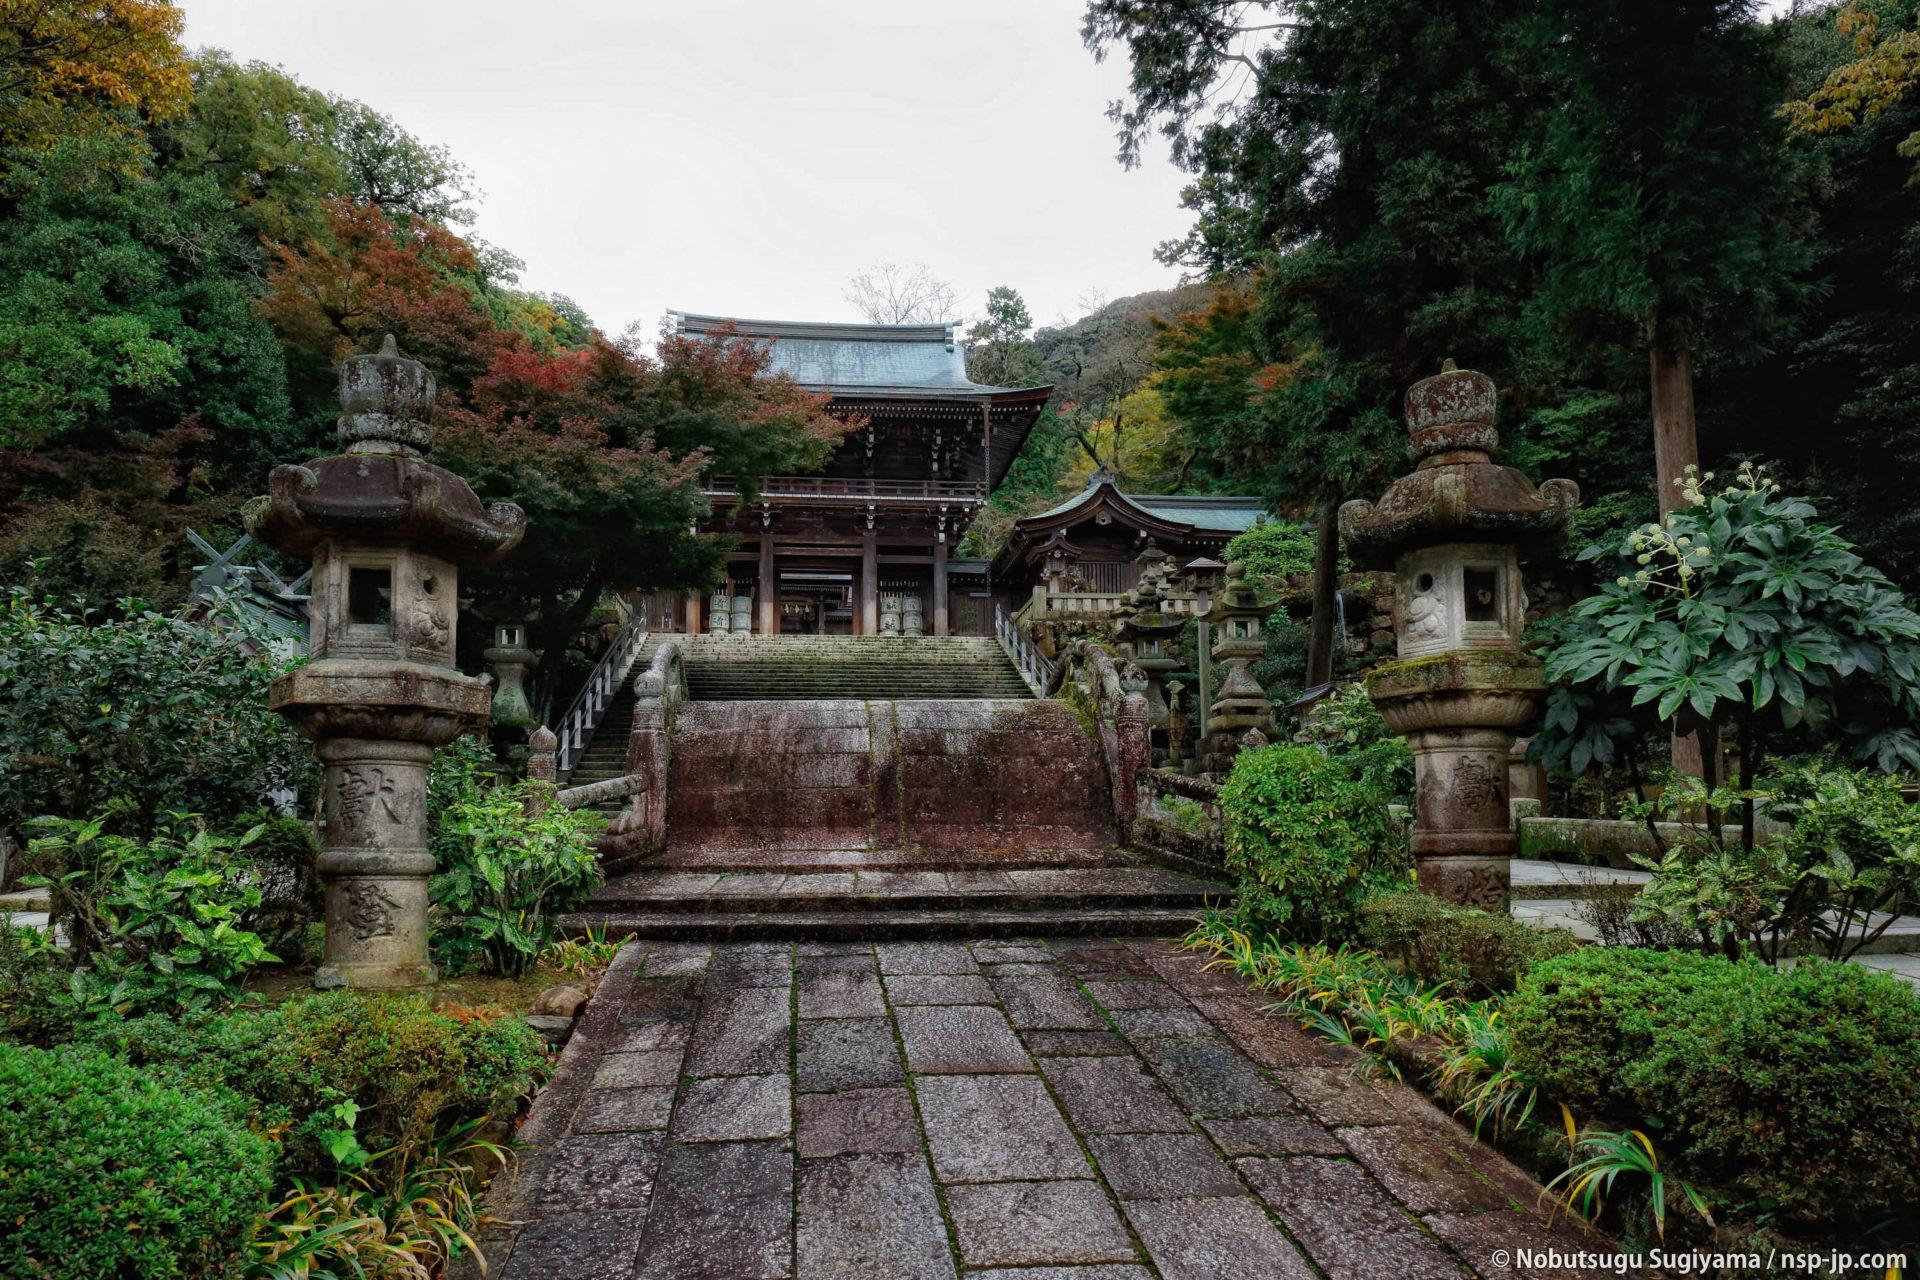 伊奈波神社-神橋から楼門を望む | 岐阜 故郷巡礼 by 杉山宣嗣